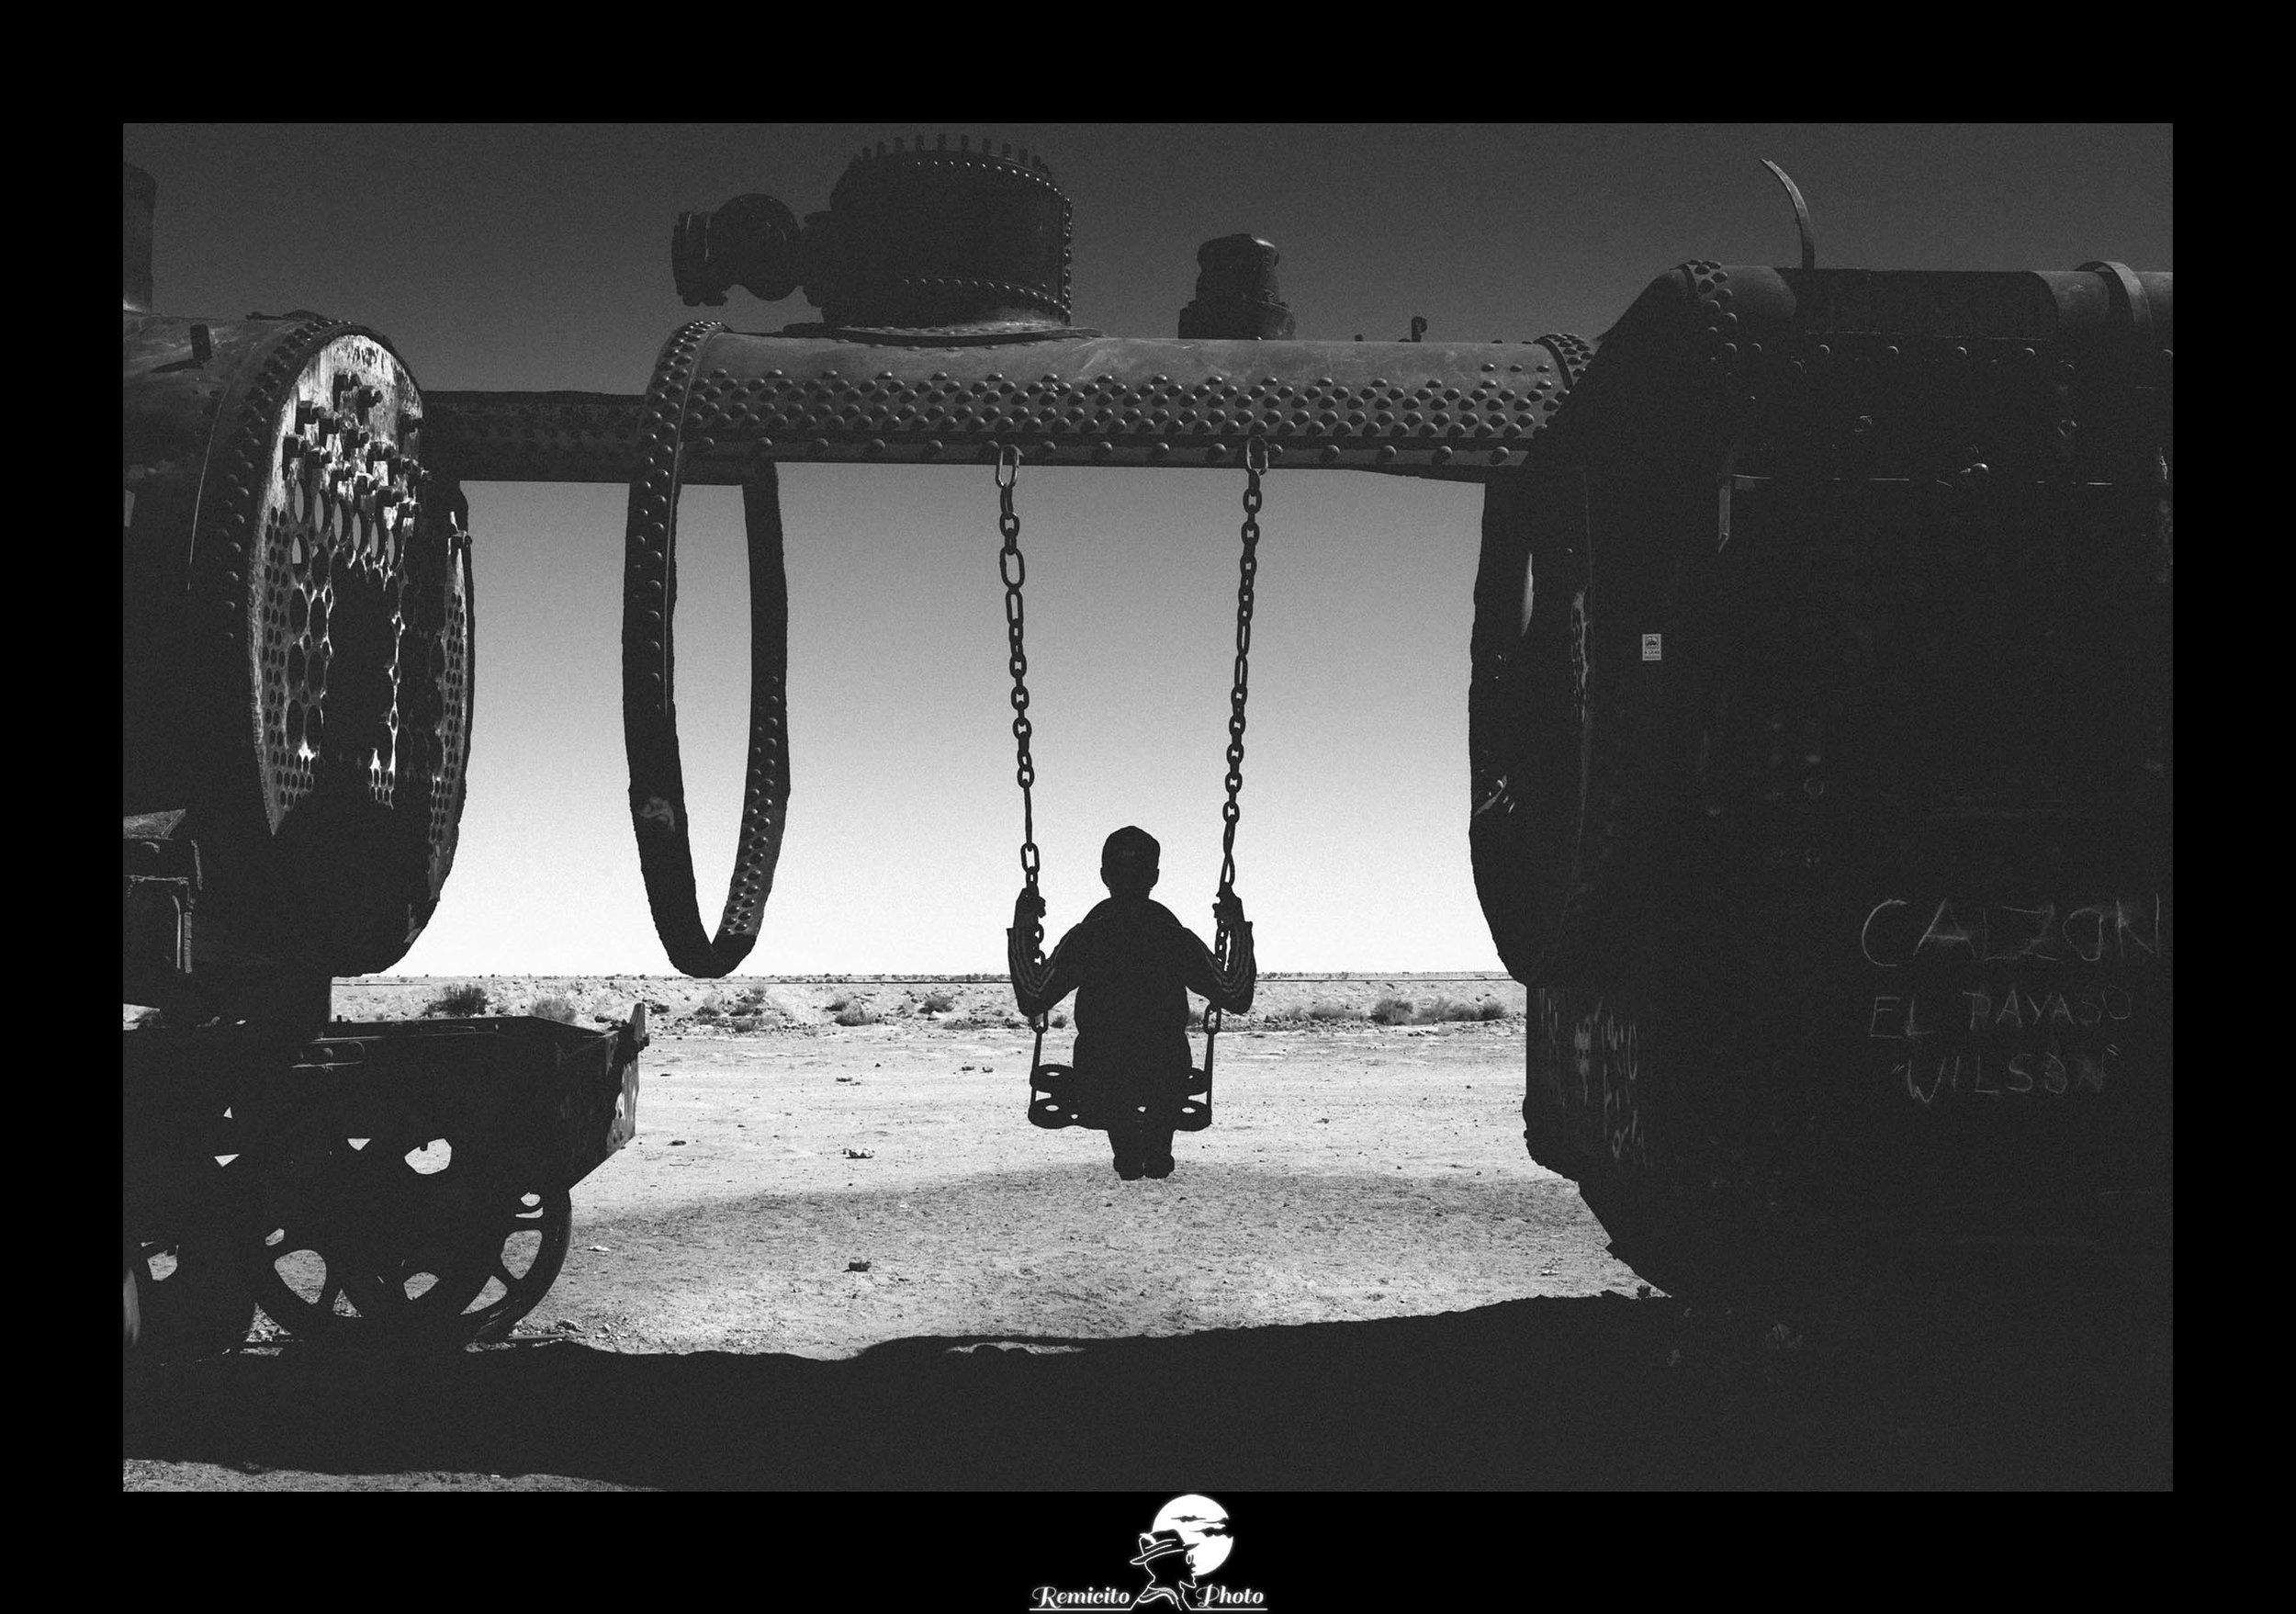 remicito photo, remicito, photo du jour, photo of the day, image du jour, photo noir et blanc salar d'uyuni, salar of uyuni, photo bolivia, photo bolivie voyage, belle photo balançoire, belle photo noir et blanc, idée cadeau photo